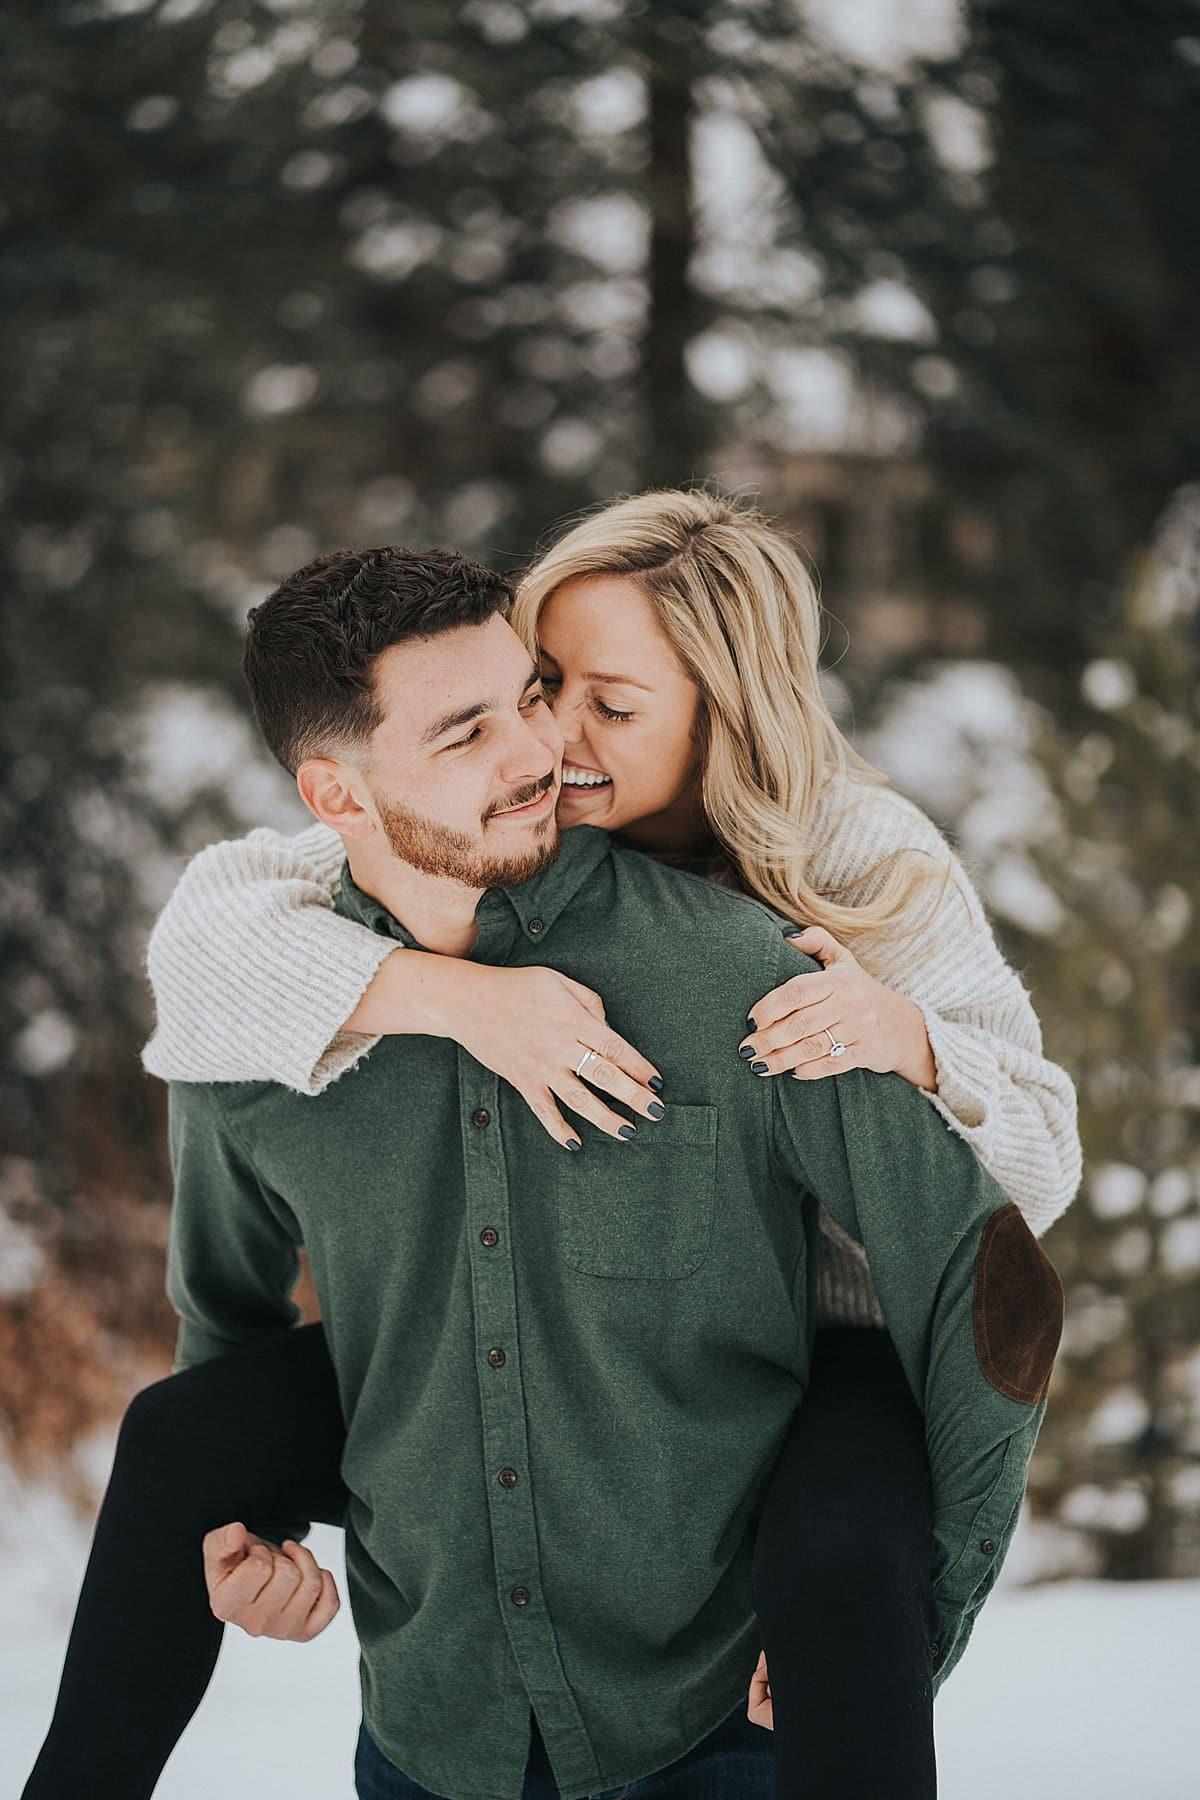 colorado engagement photographer, denver engagement photographer, best colorado wedding photographer, top colorado wedding photographer, jill houser photography